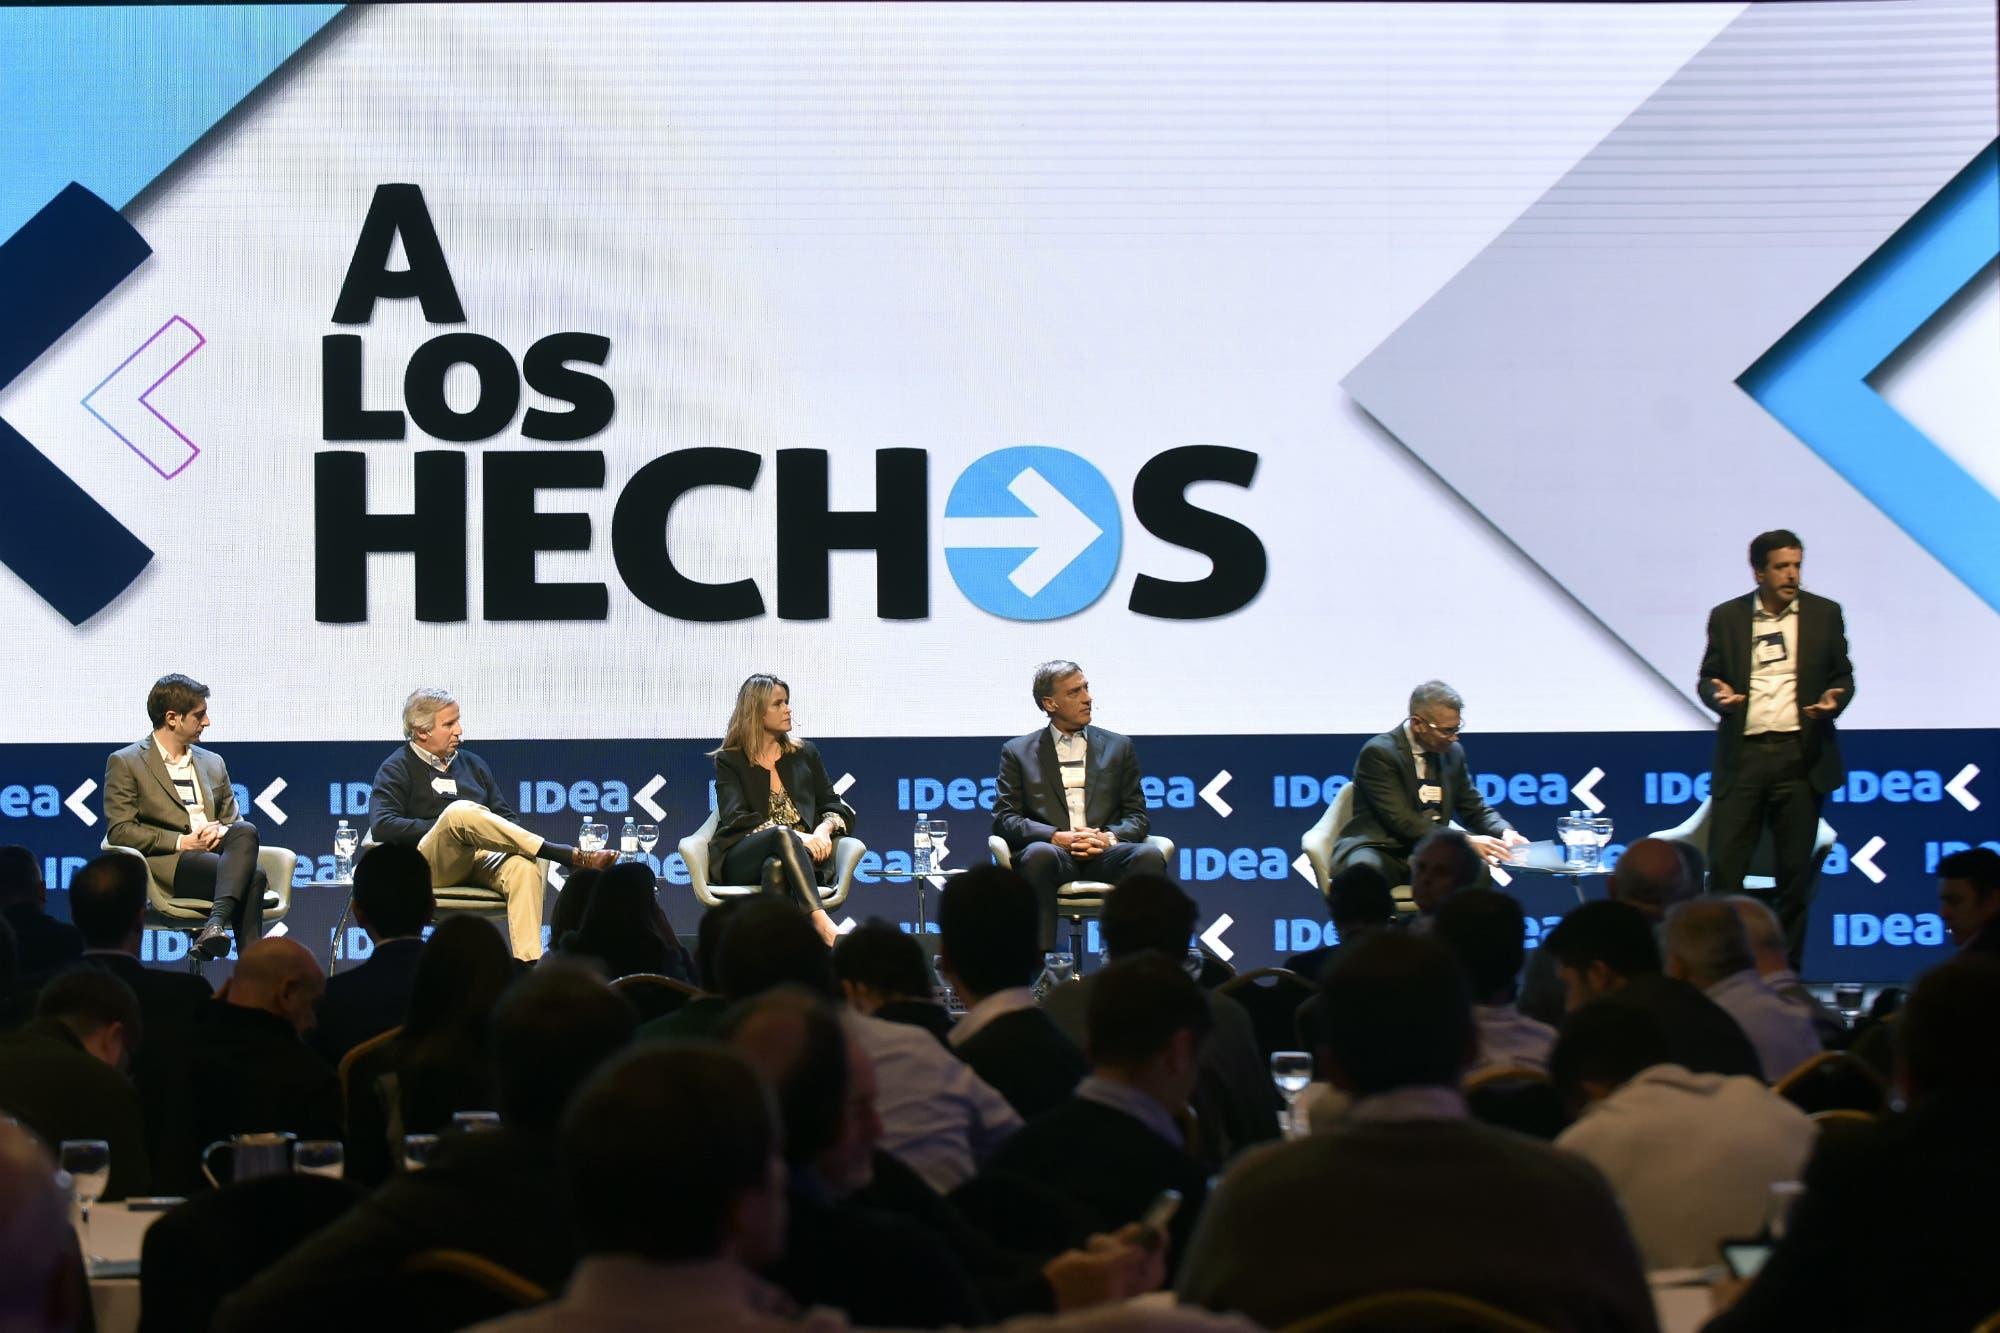 Los empresarios apoyan las medidas anunciadas por Macri y piden que los candidatos presenten propuestas